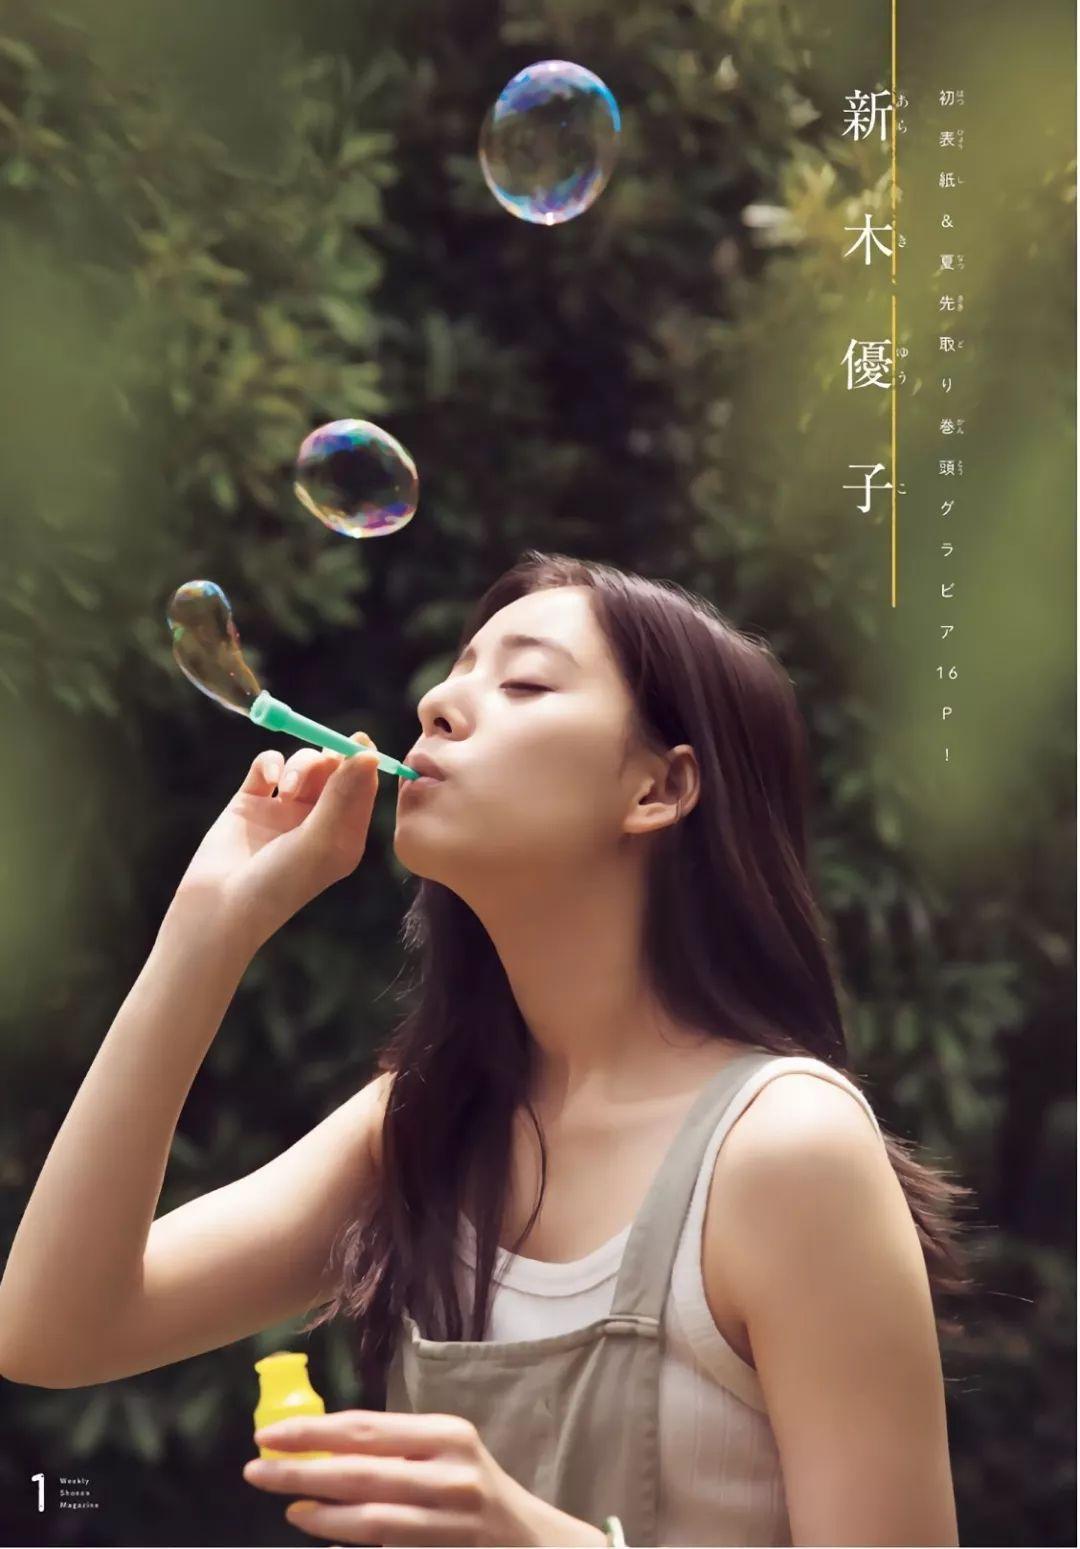 新木优子「夏天的开始、恋爱的开始。」-有意思吧